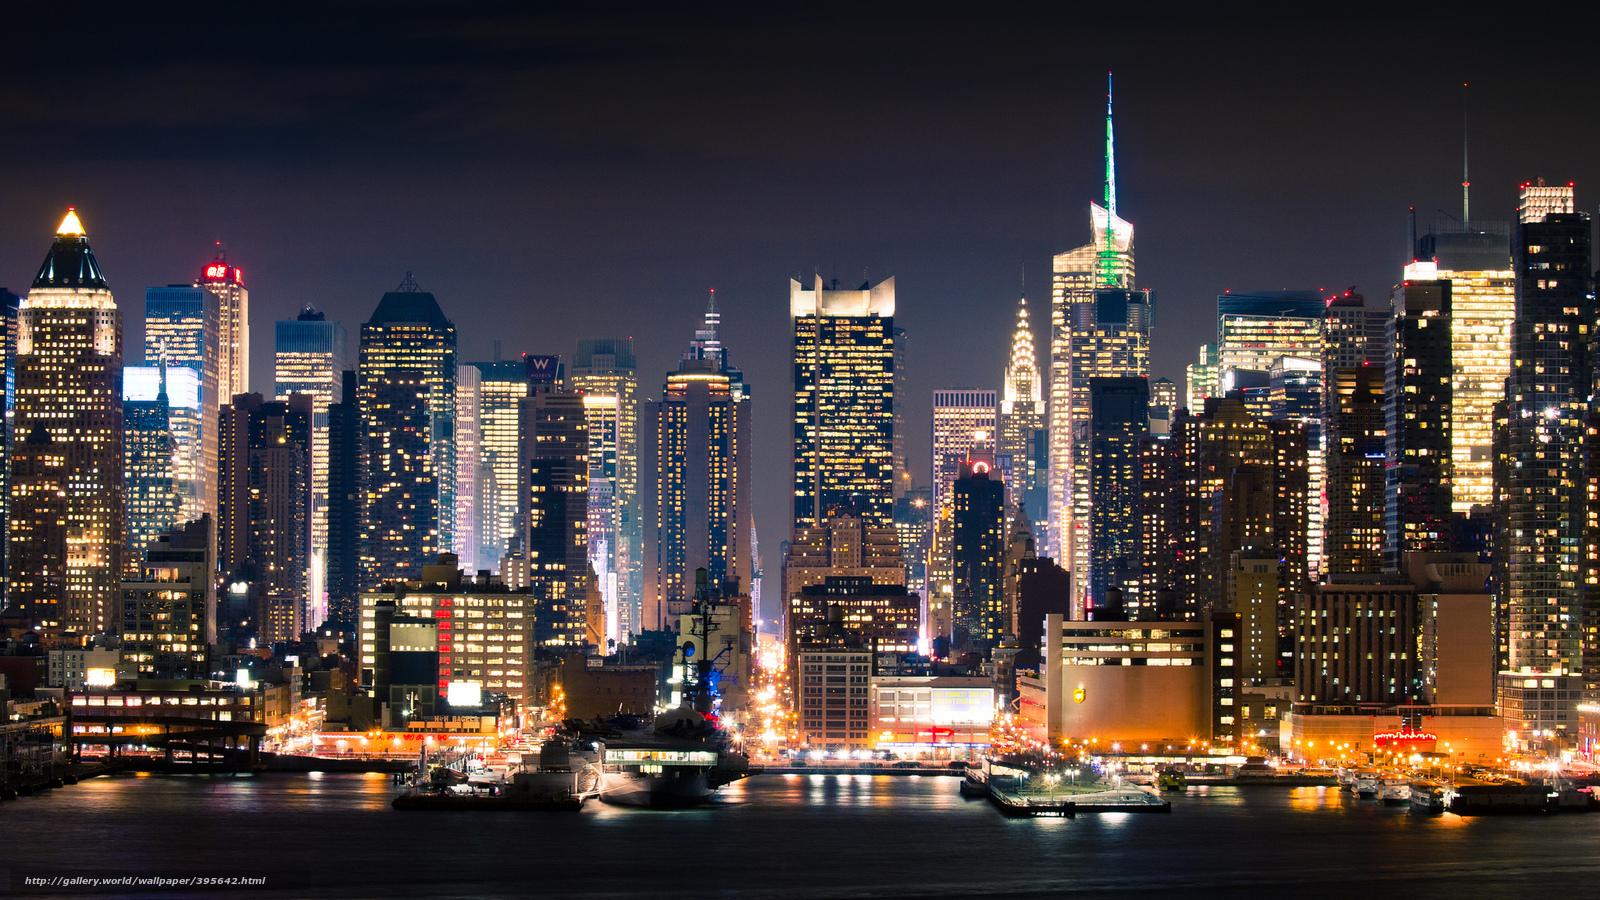 Scaricare Gli Sfondi Citt New York Manhattan Notte Sfondi Gratis Per La Risoluzione Del Desktop 2048x1152 Immagine 395642